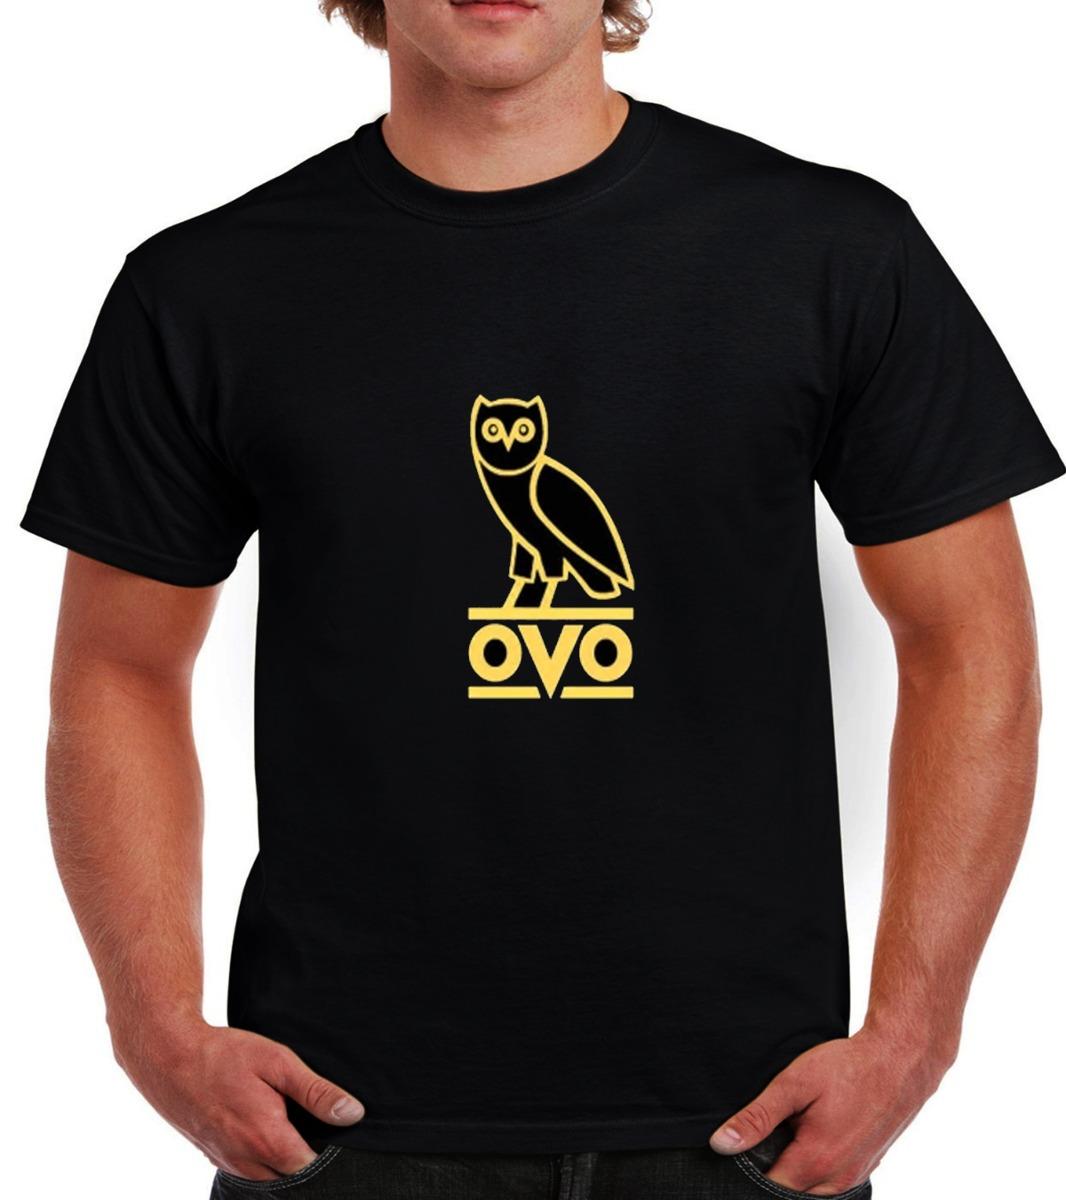 Playera Camiseta Buho Drake Ovoxo Logo Shop Unisex -   199.00 en ... 1d2a96c217e18